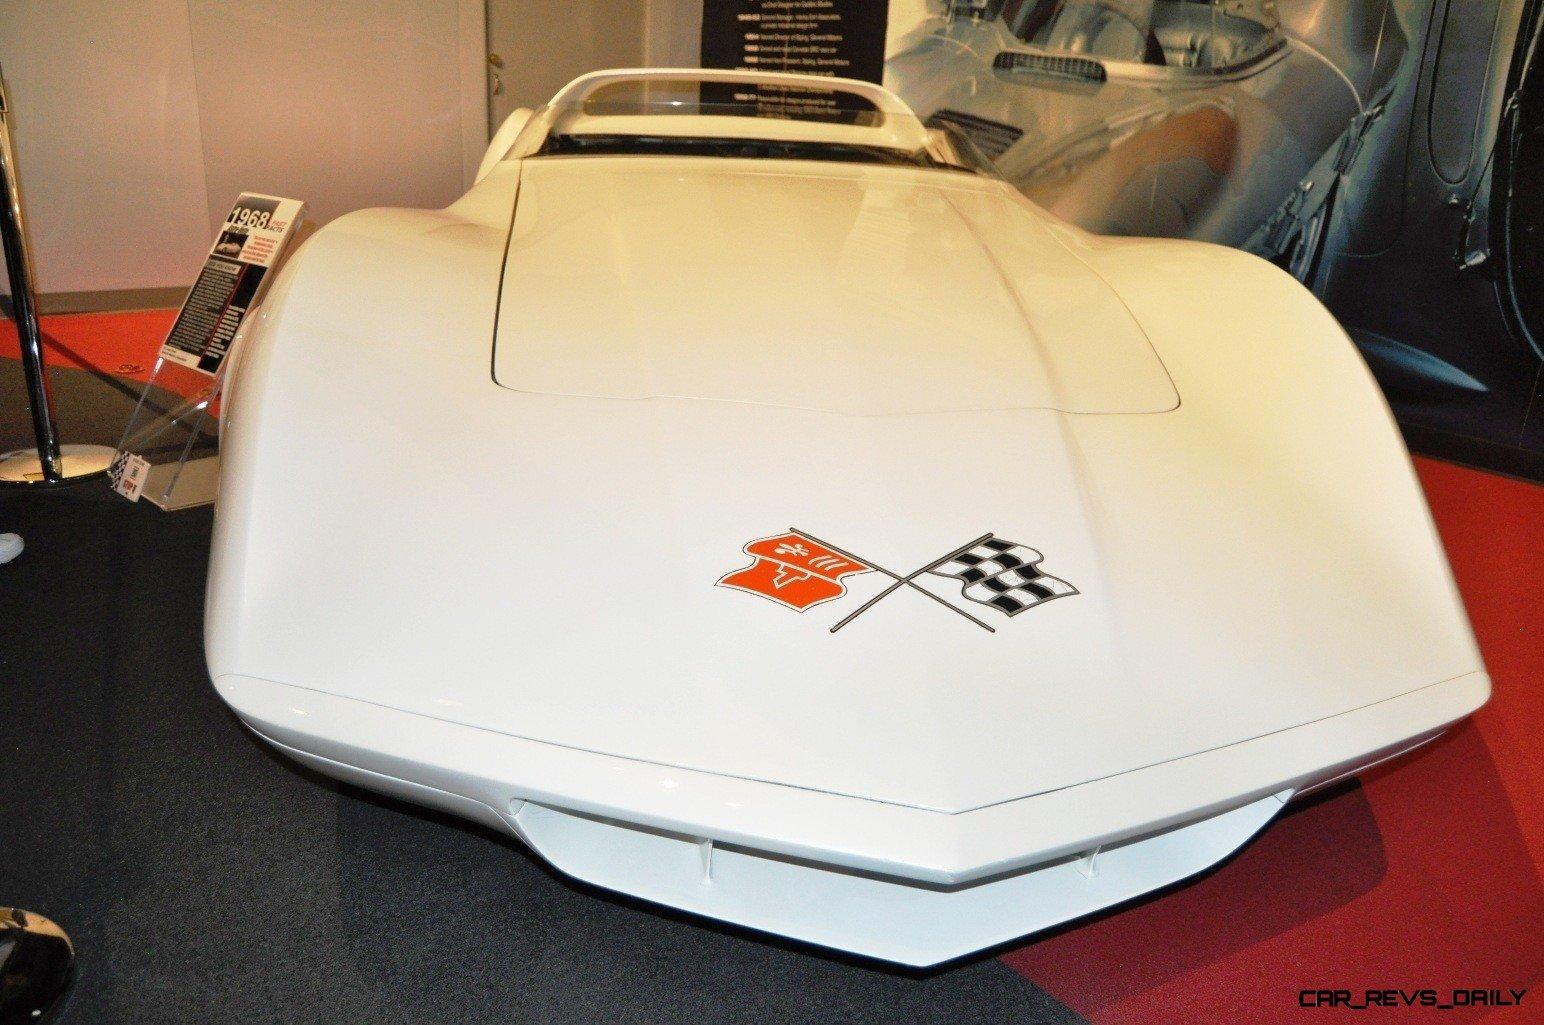 1968 Corvette ASTRO and ASTRO II Concepts at the National Corvette Museum + Ferrari and Bugatti-style Concepts 9